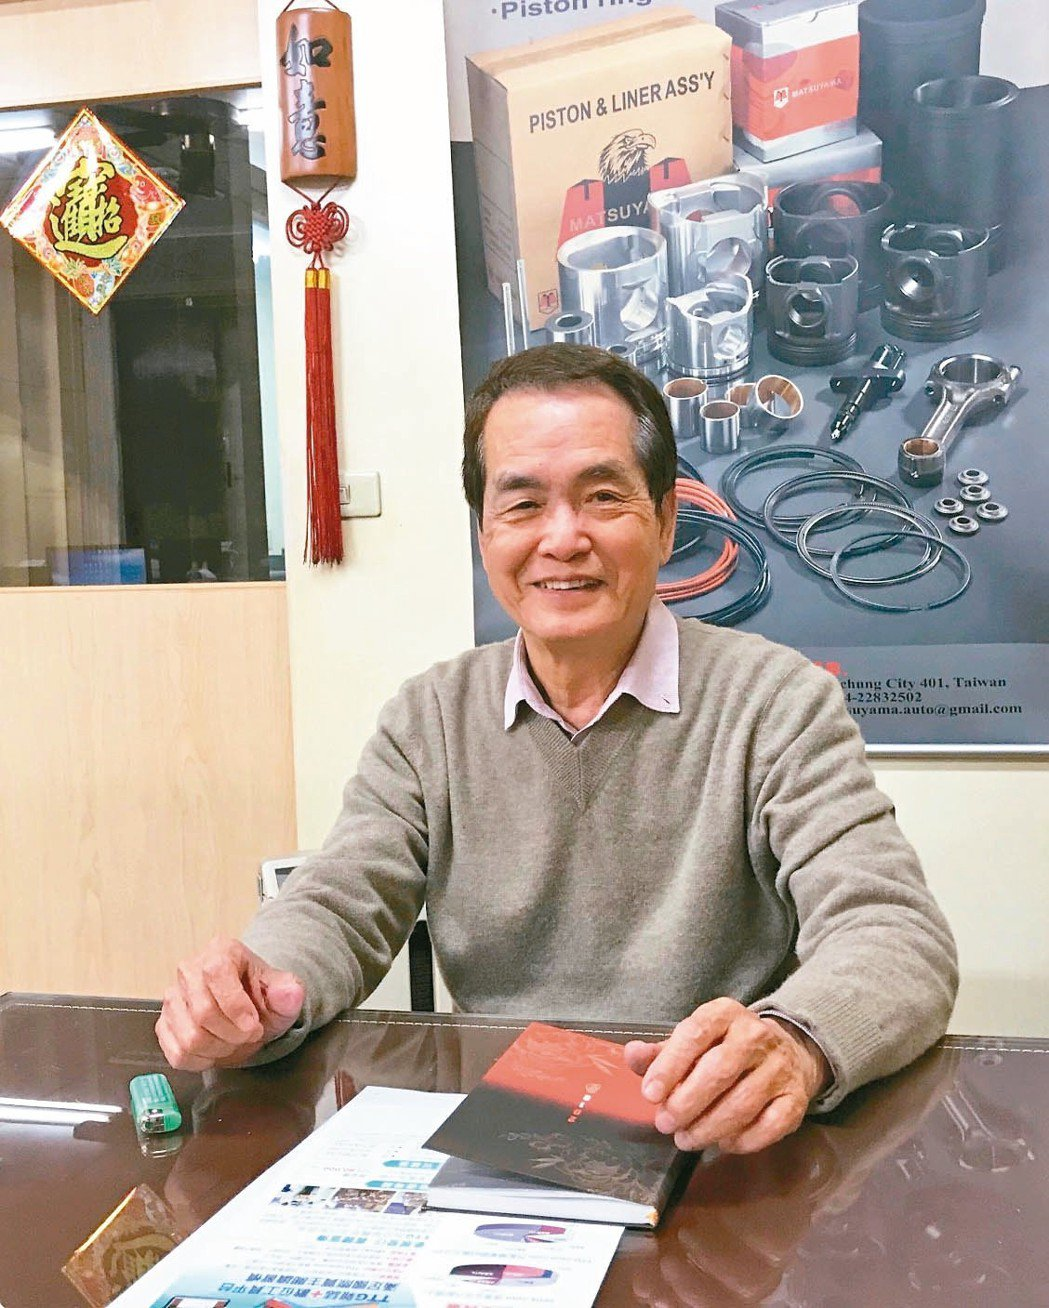 明芝亞負責人劉香山表示,MATSUYAMA品牌產品深獲買主肯定與信賴。 楊逢峮/...